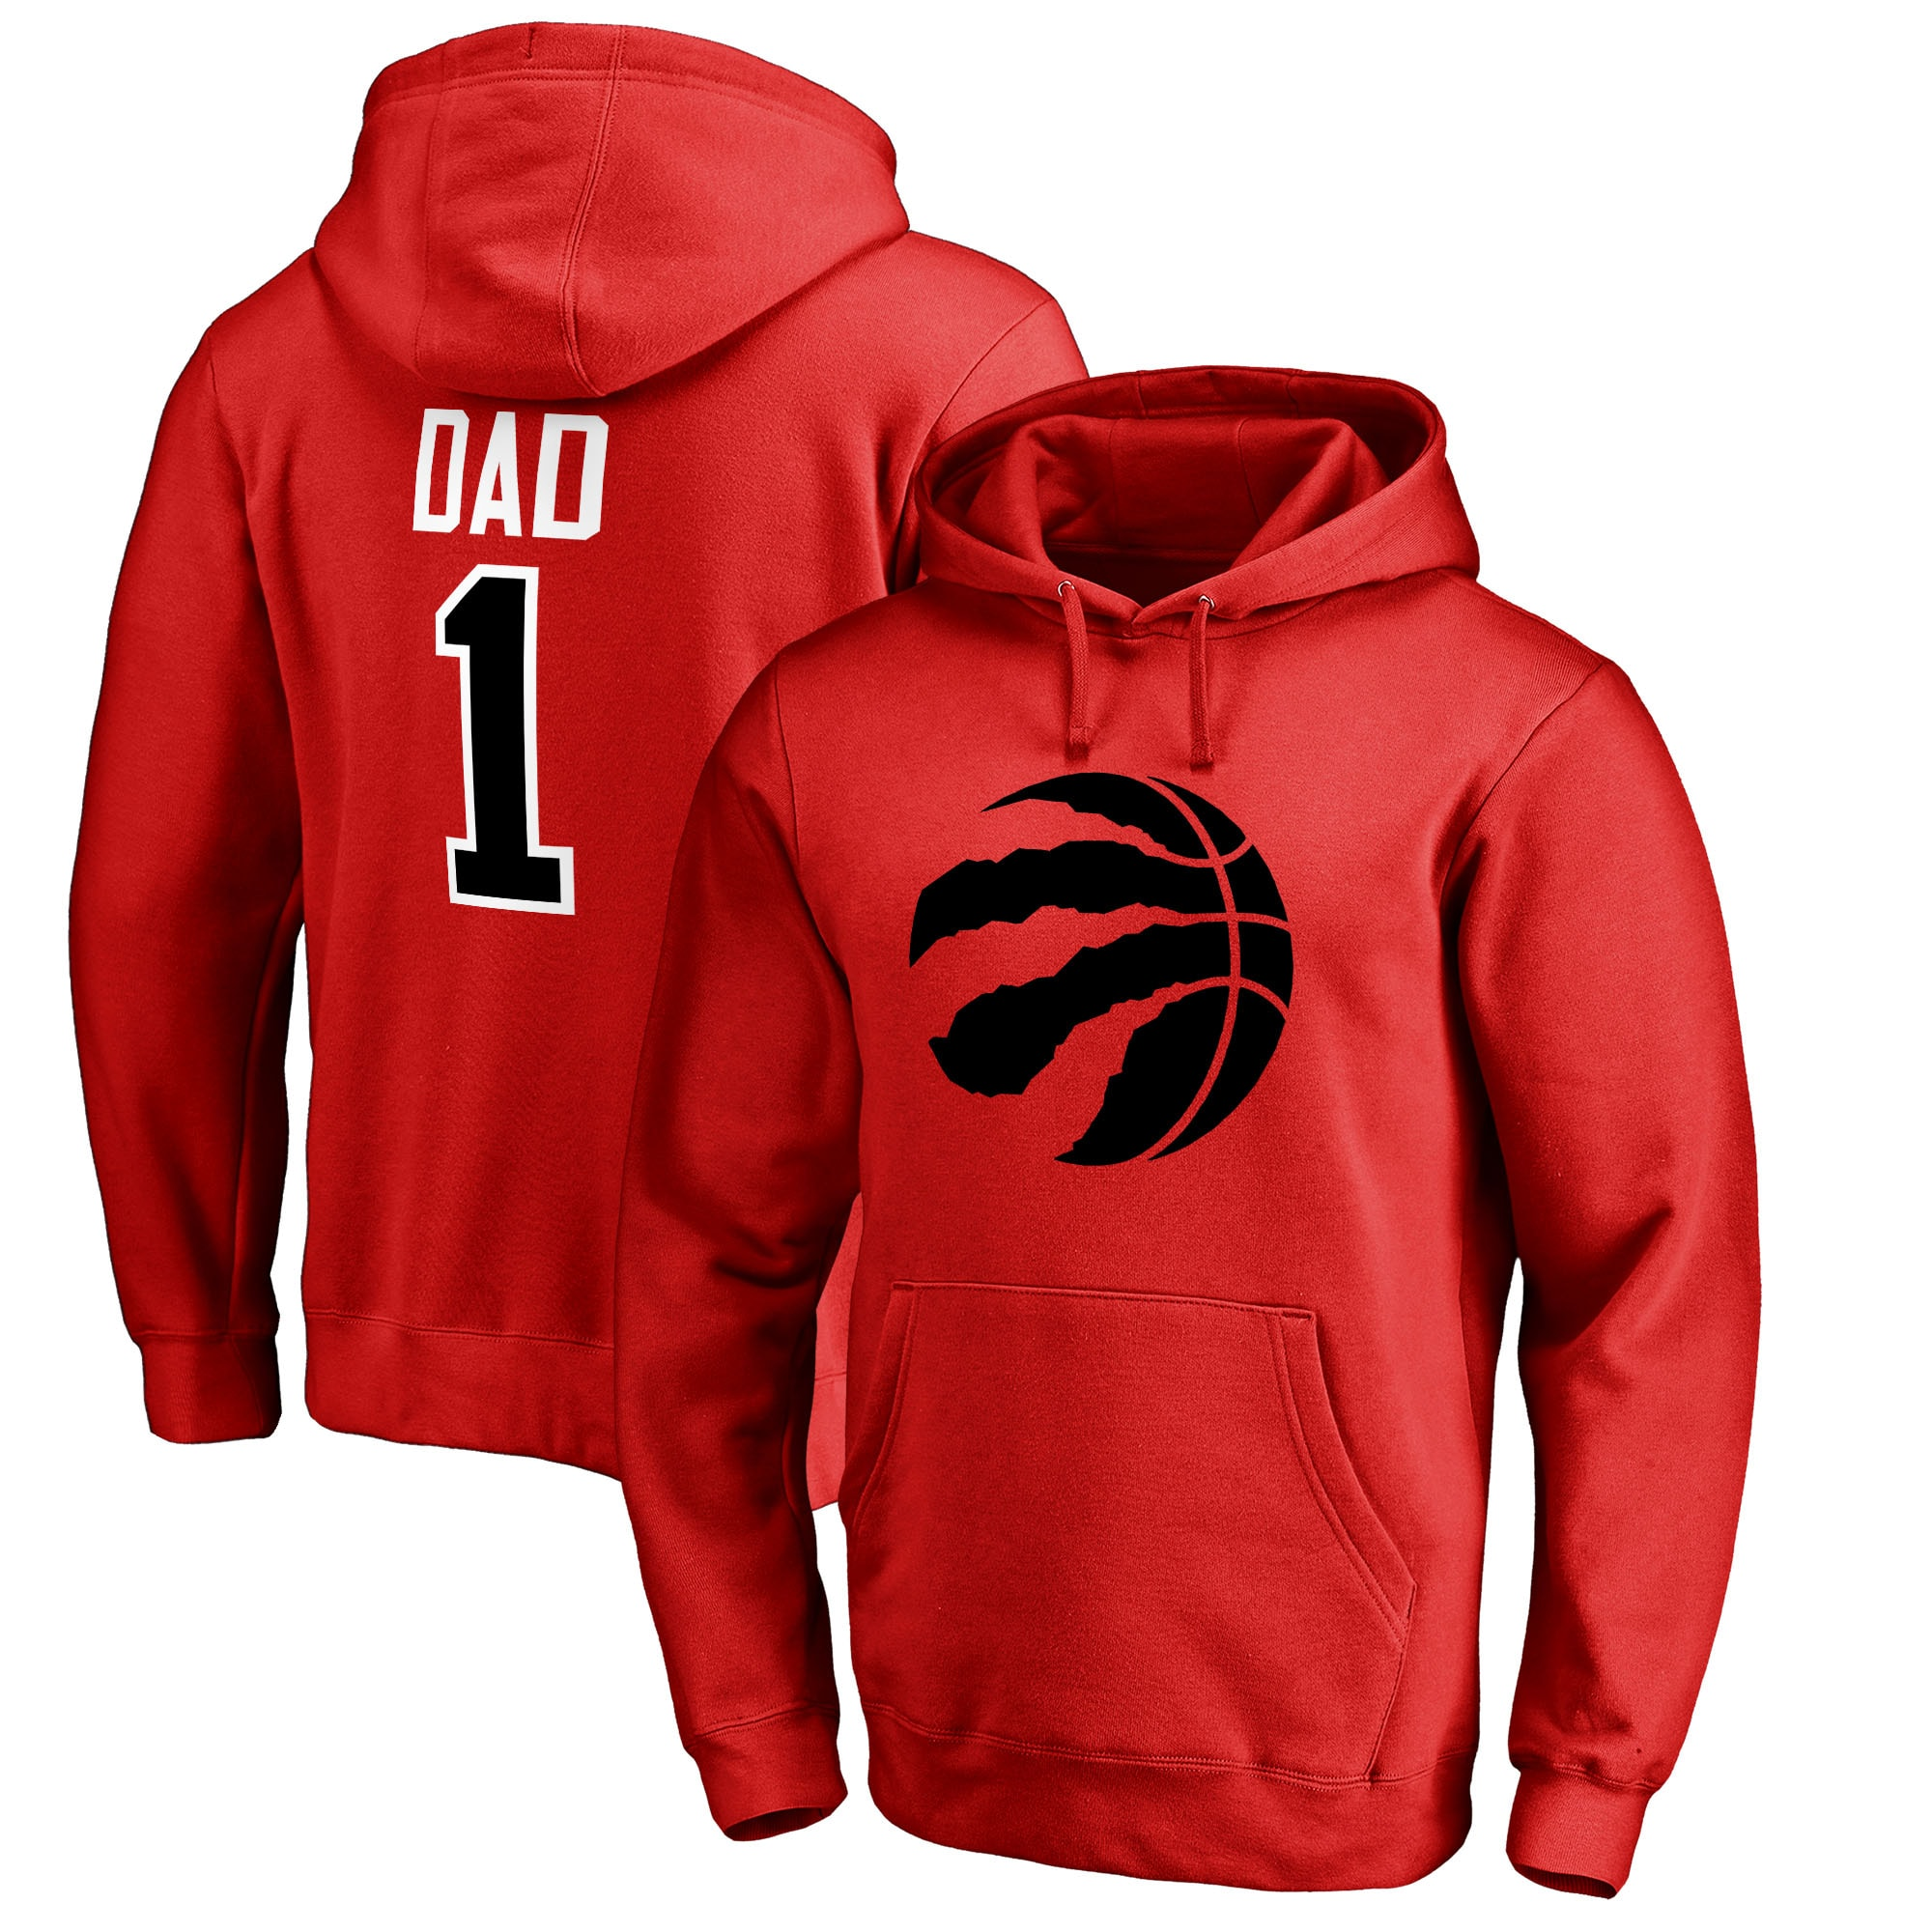 Toronto Raptors #1 Dad Pullover Hoodie - Red